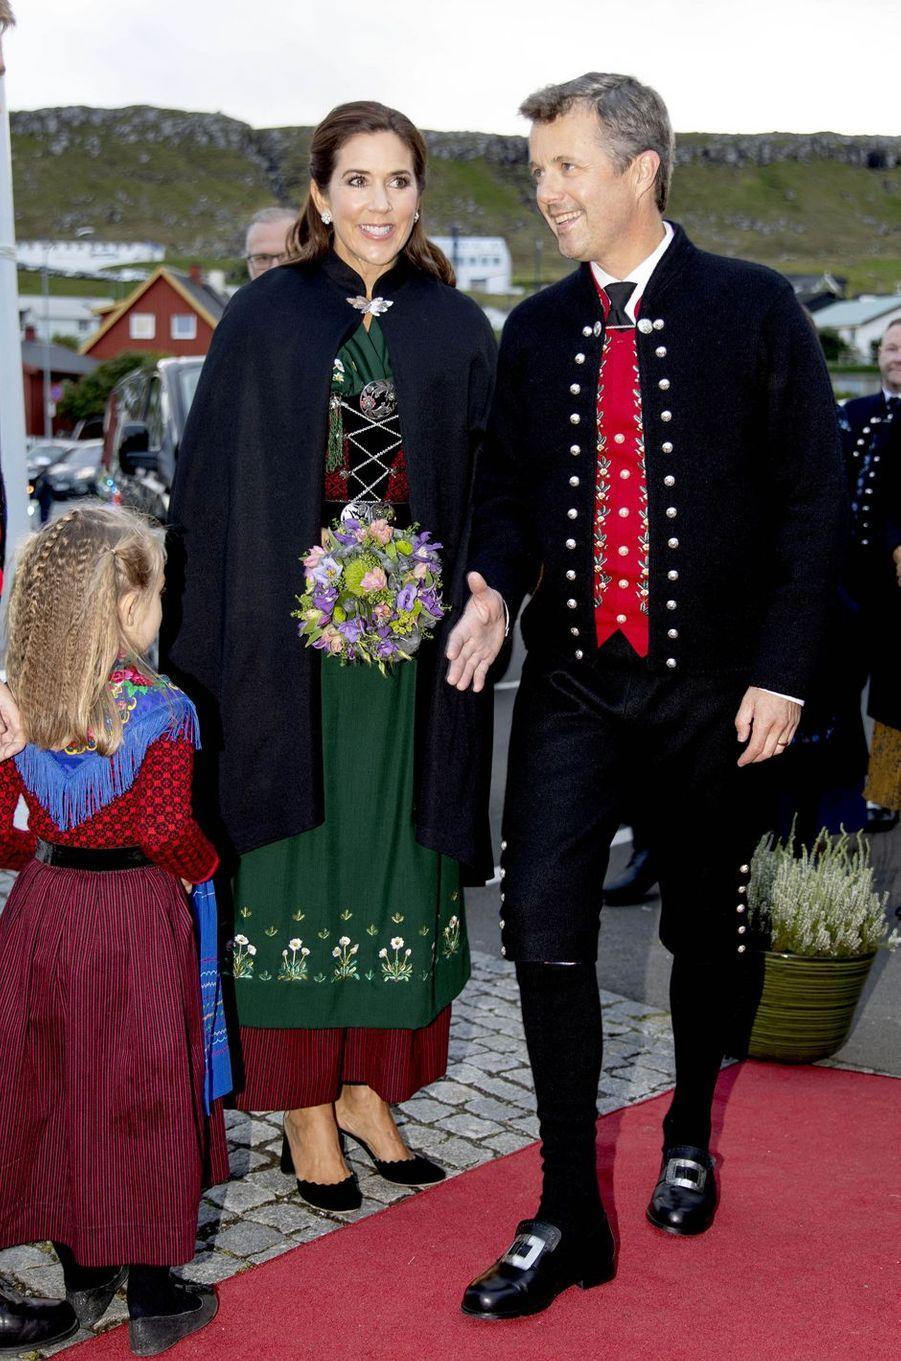 La princesse Mary et le prince Frederik de Danemark aux îles Féroé, le 23 août 2018